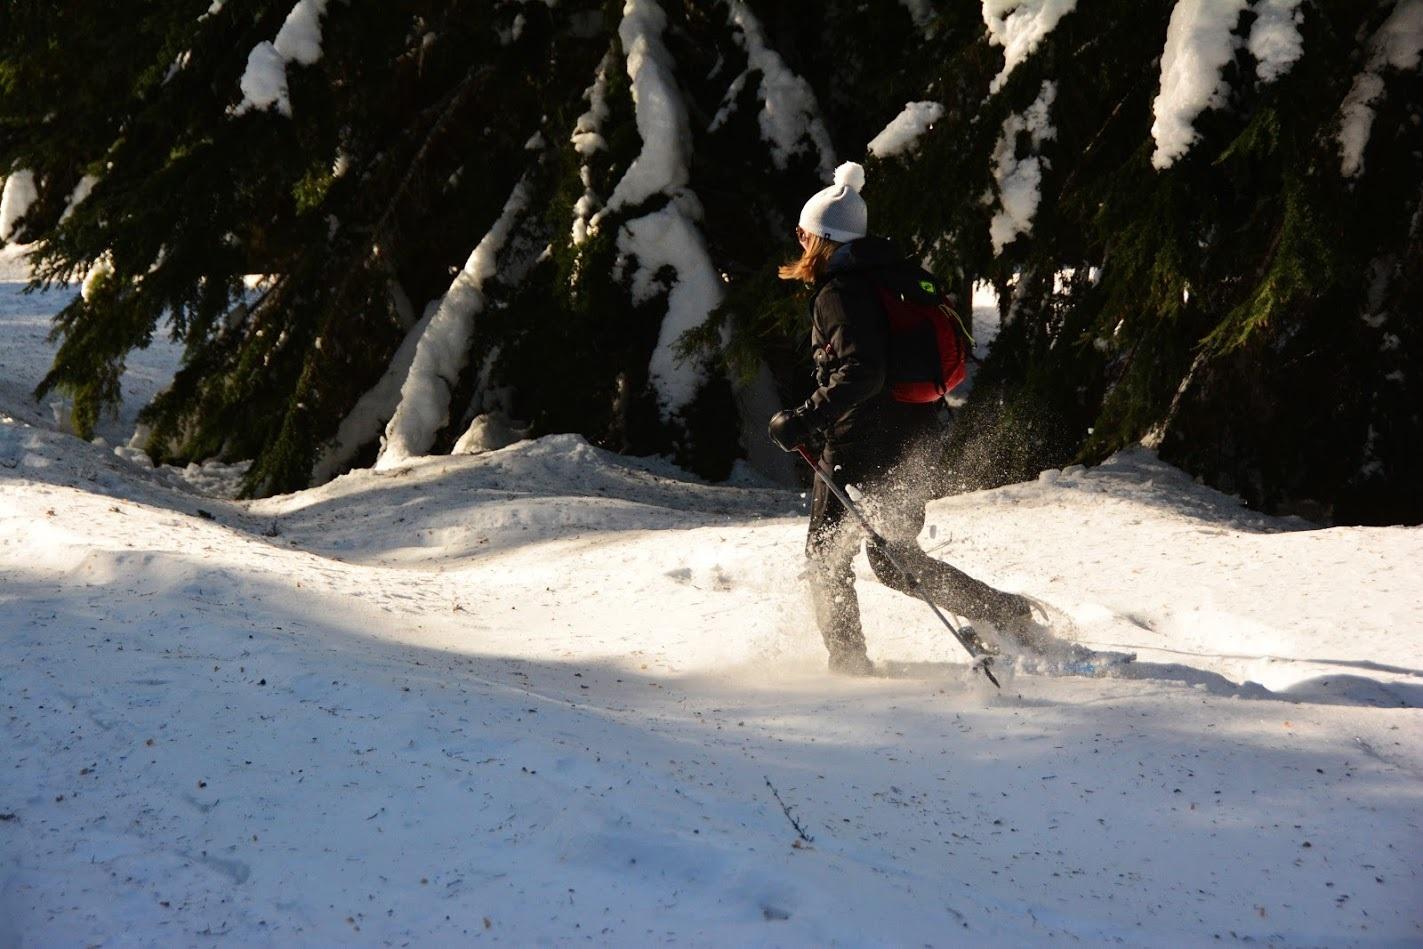 Snowshoeing Tronsen Meadows at Blewett Pass